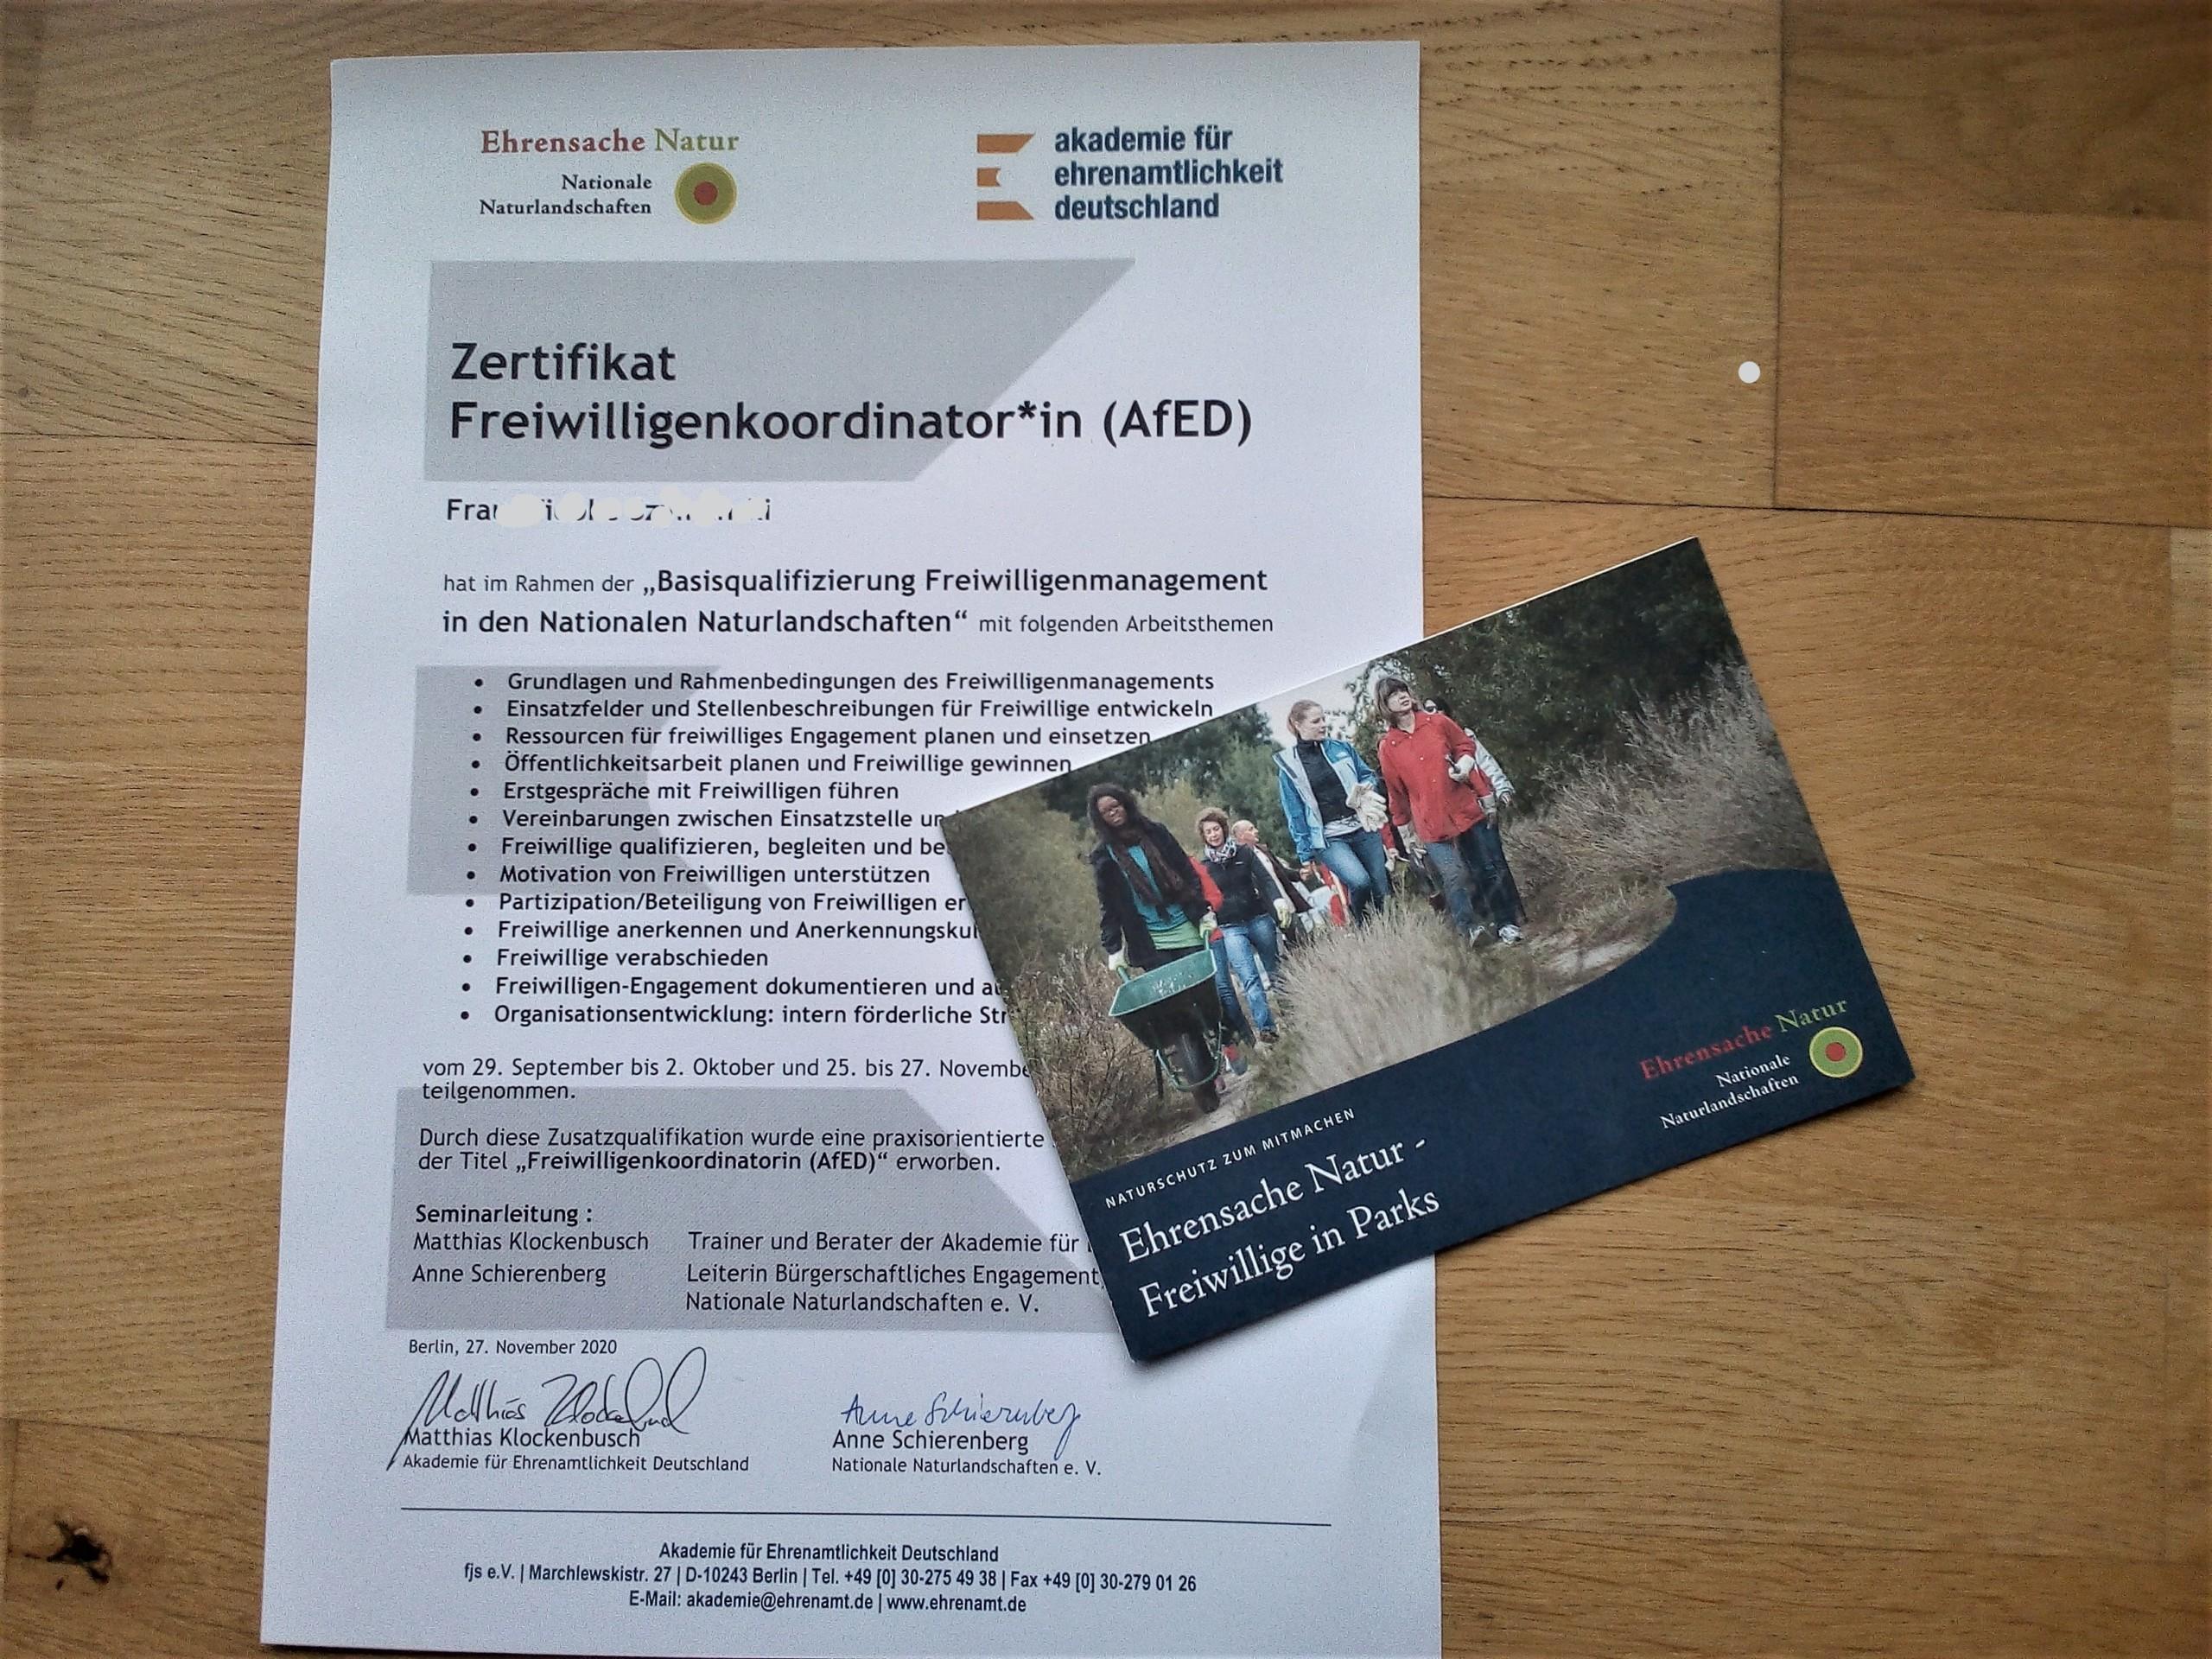 """Dokument mit Titel """"Zertifikat Freiwilligenkoordinator, Freiwilligenkoordinatorin"""